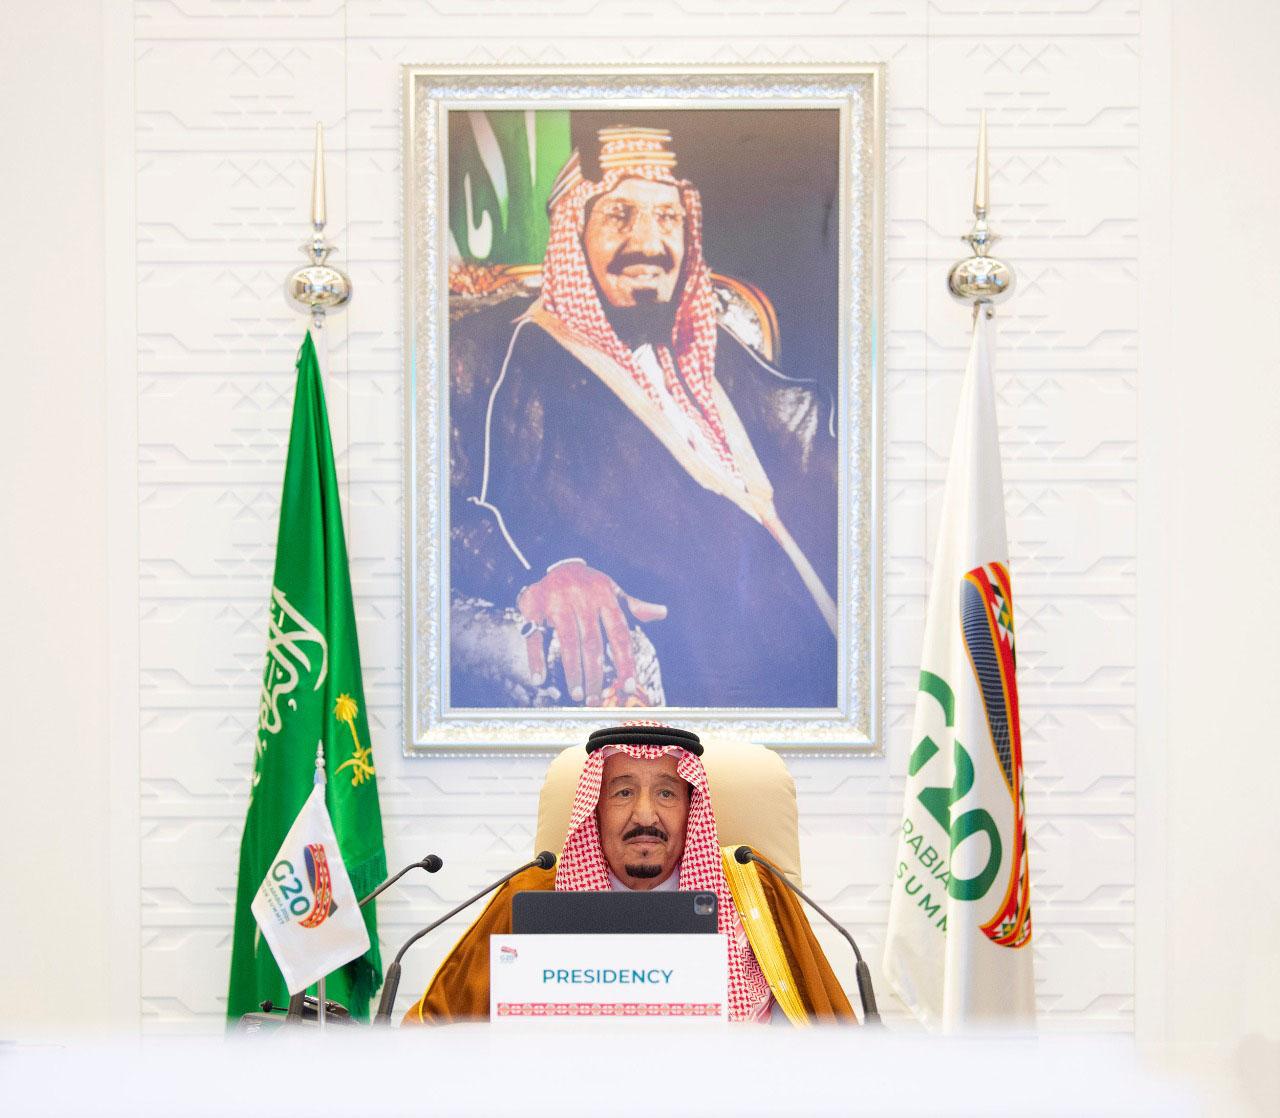 """خادم الحرمين الشريفين : يدعو """"مجموعة العشرين"""" إلى تقديم الدعم للدول النامية والتعاون في مواجهة """"كورونا"""""""